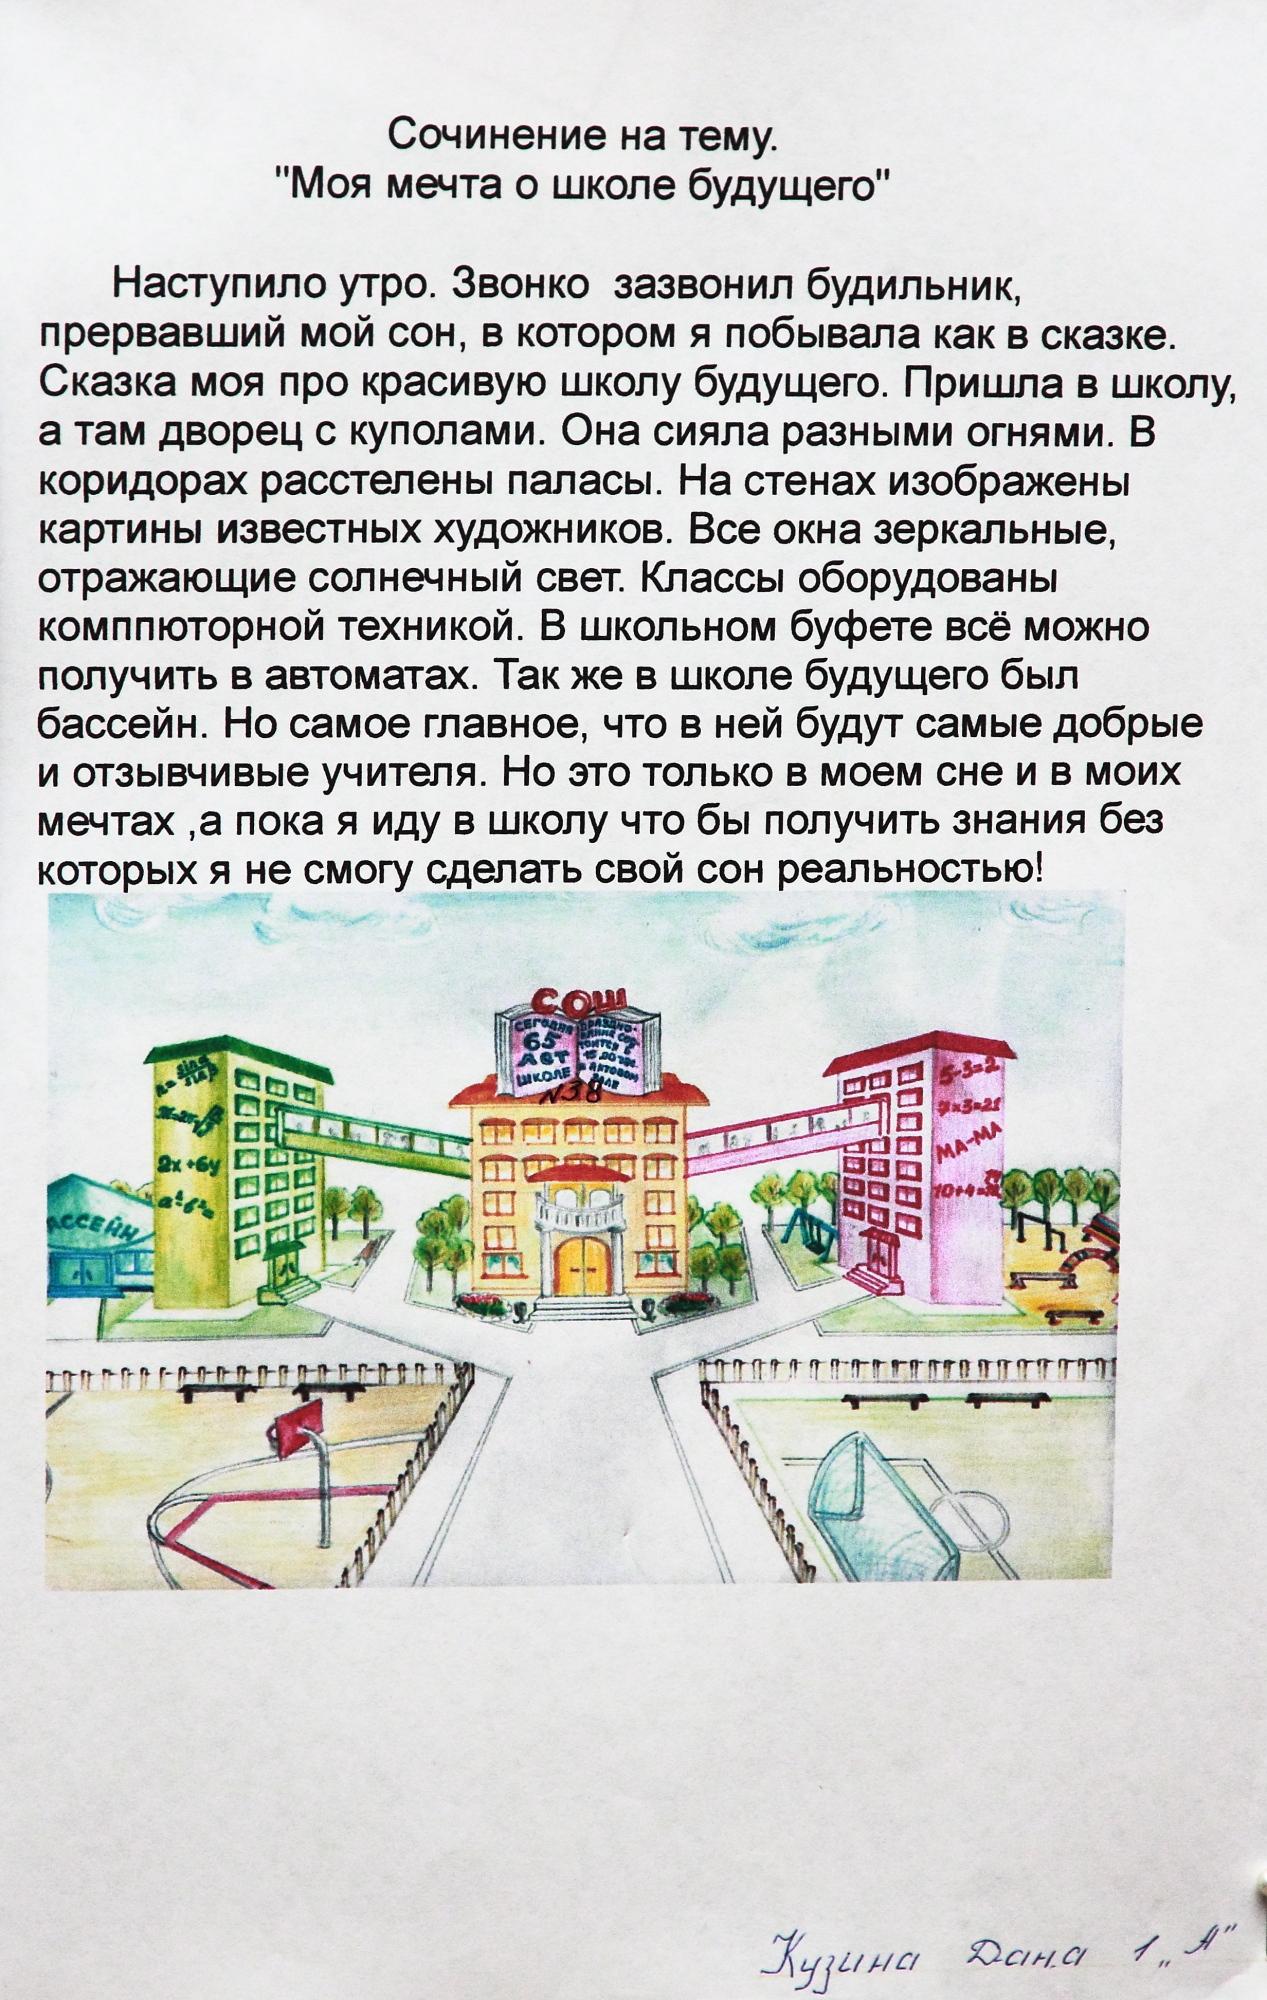 сочинение на английском школы россии нефтяной